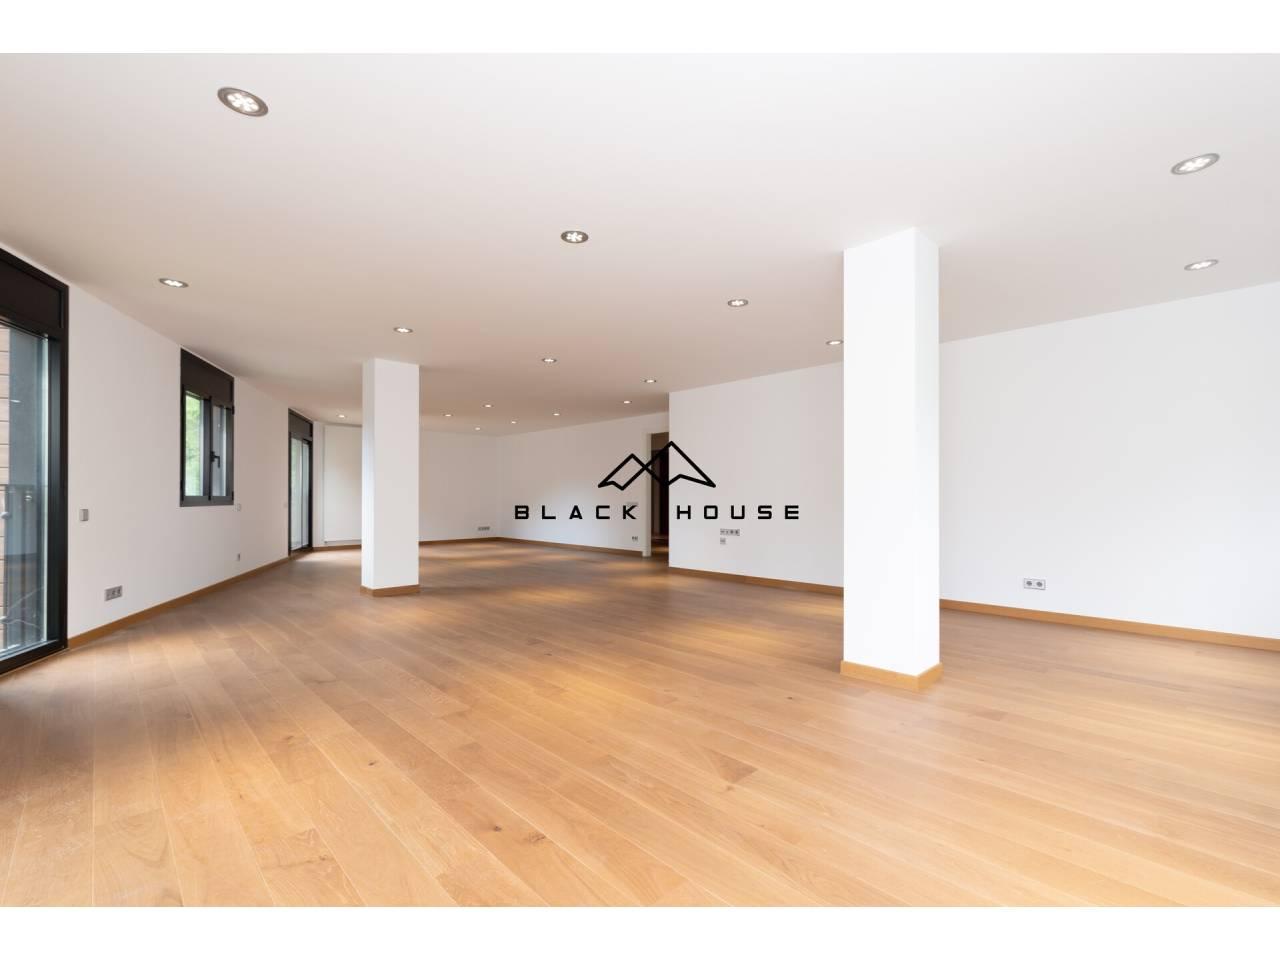 Appartement exclusif à vendre de grande taille et avec de belles vues sur la vallée